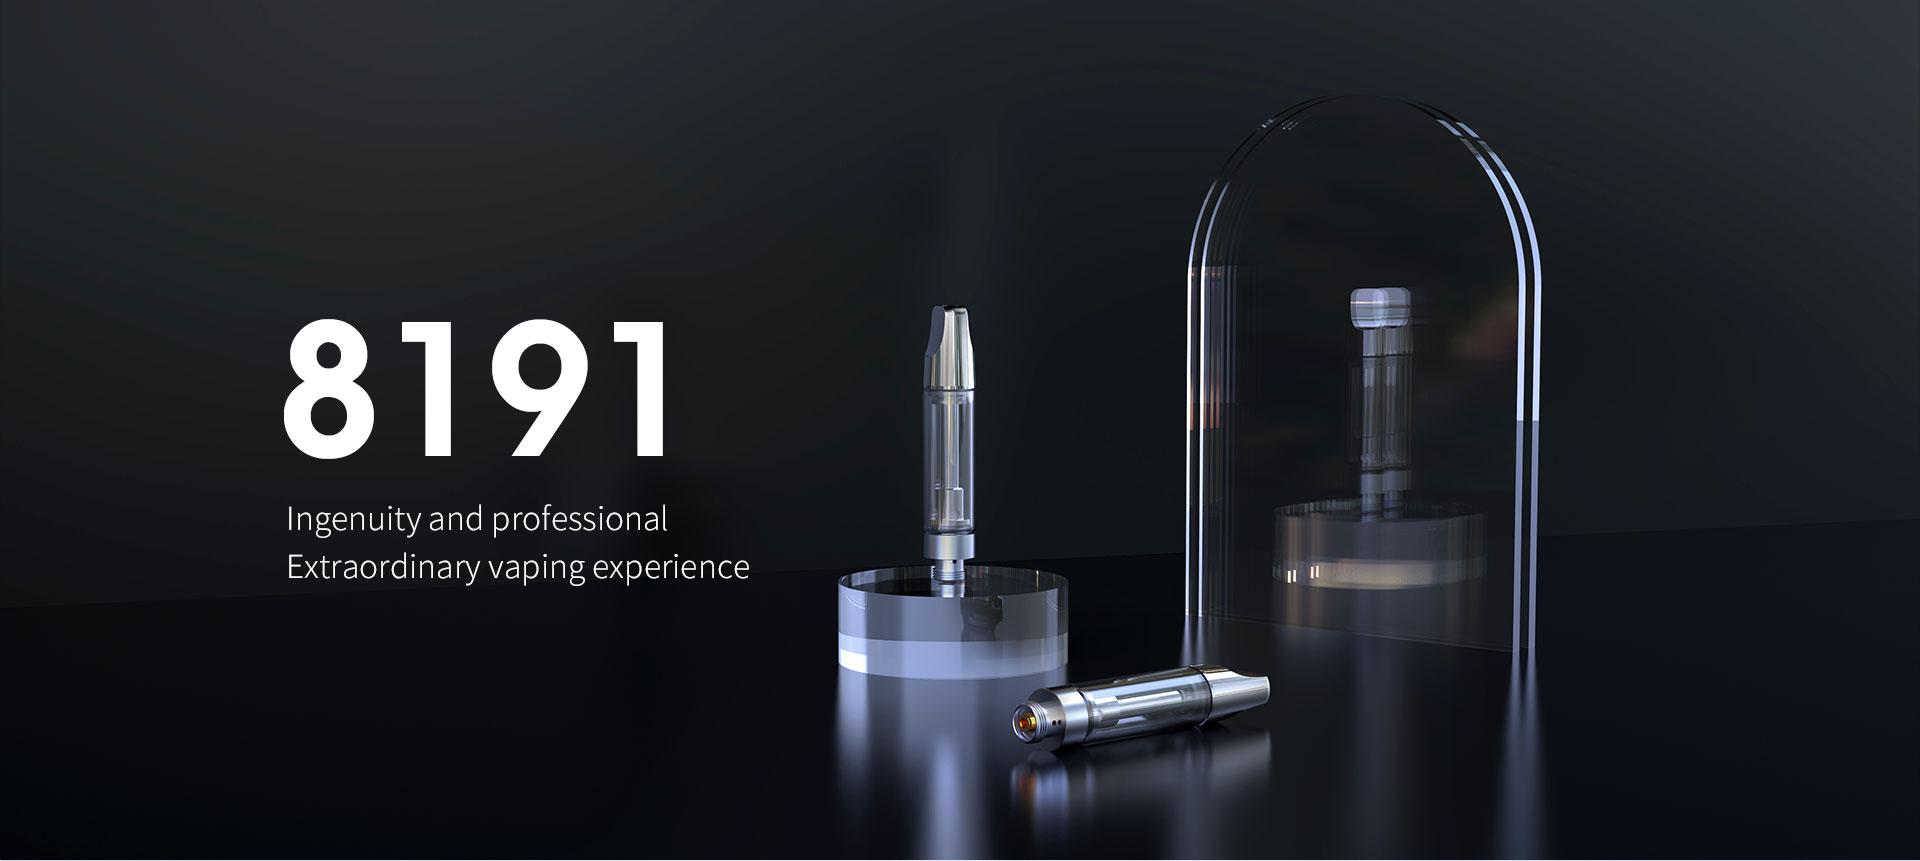 8191产品详情-英文_01